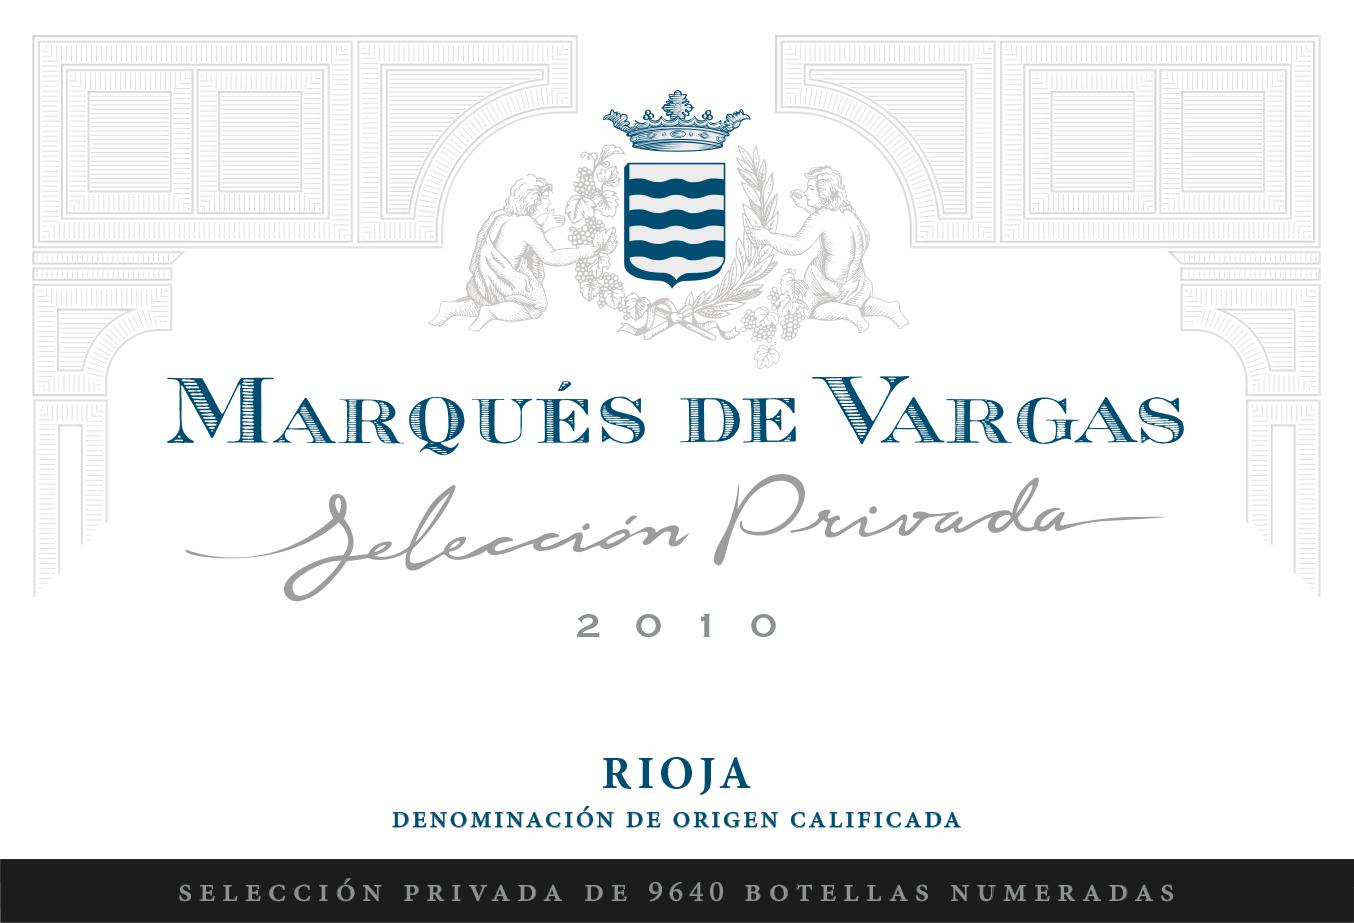 Marques De Vargas Selección Privada